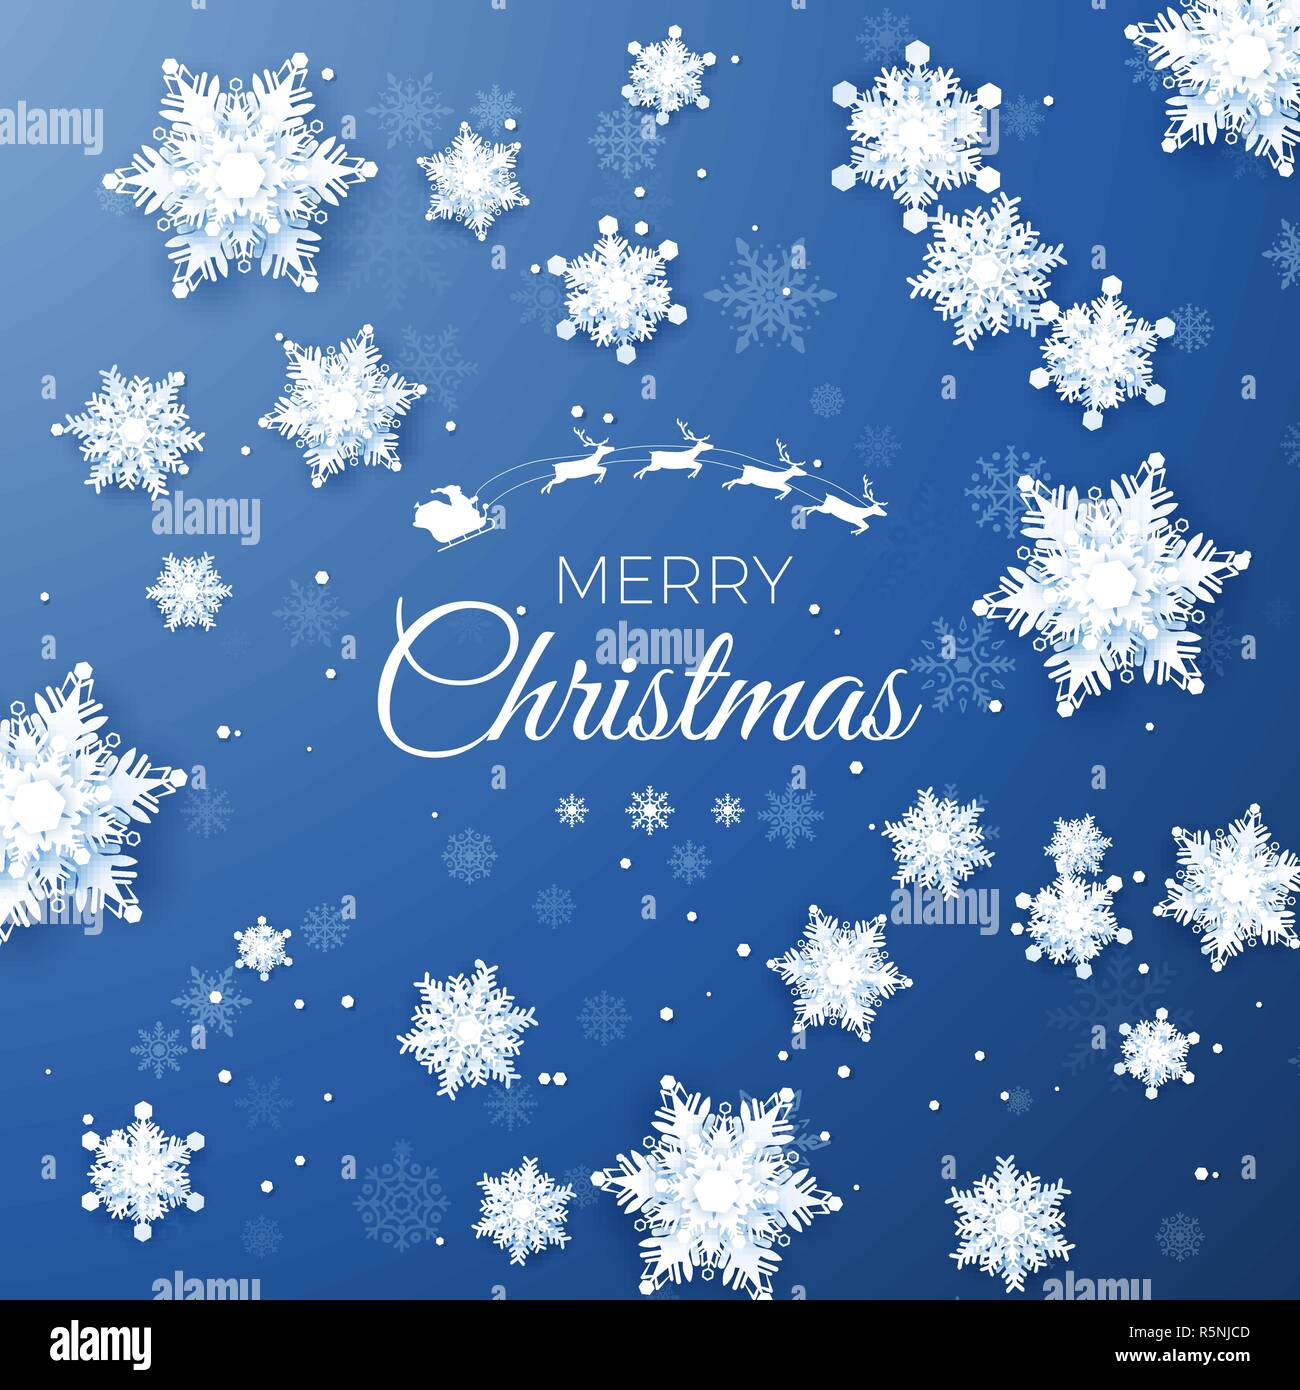 Frohe Weihnachten Text Karte.Frohe Weihnachten Gruss Karte Origami Schneefall White